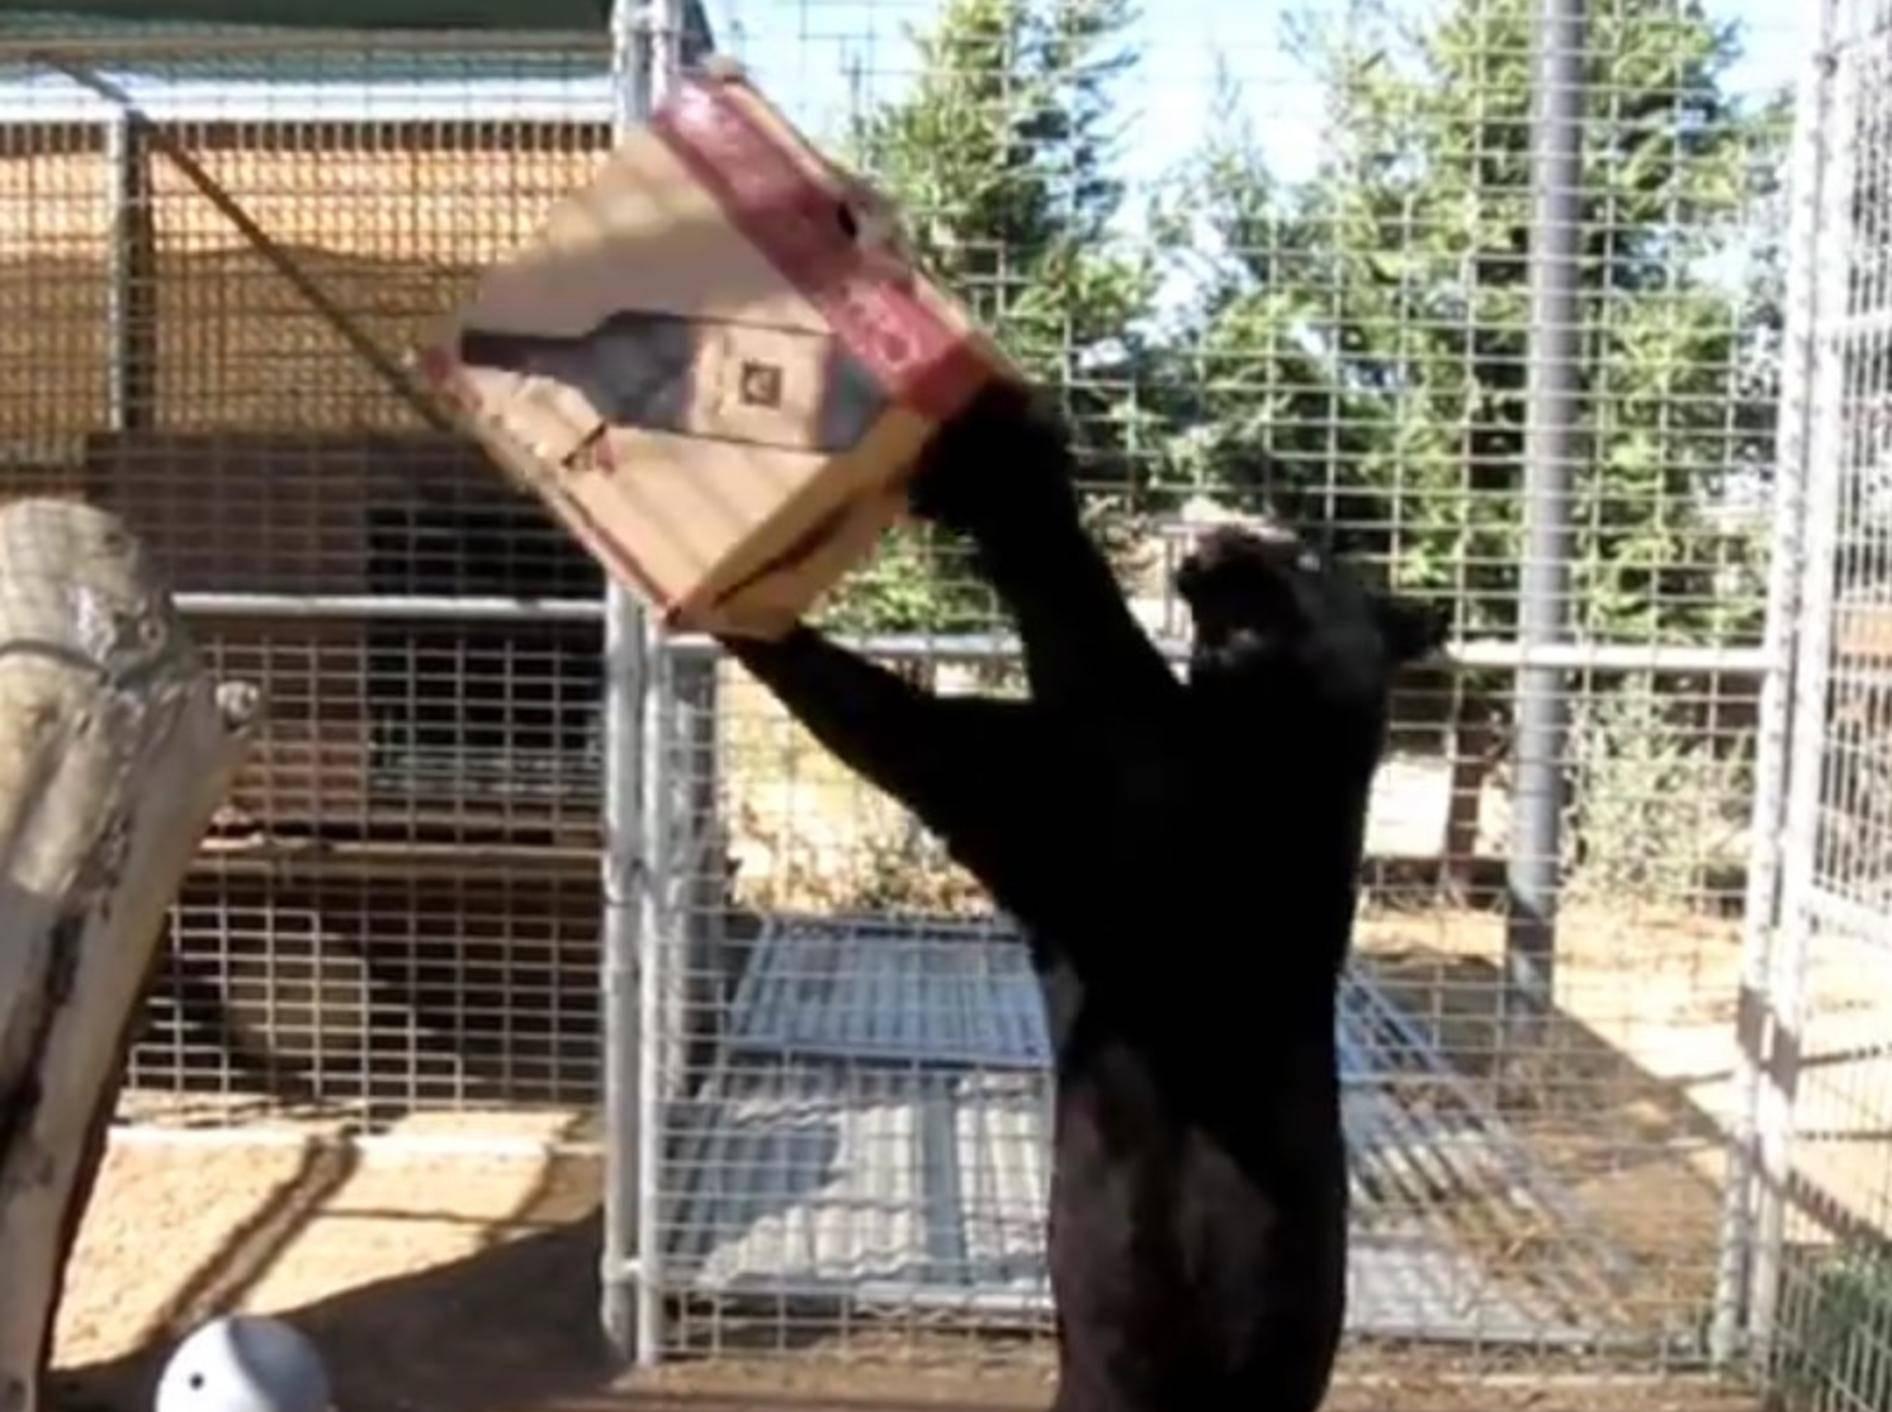 Ob groß oder klein – Katzen spielen gerne mit Kartons – YouTube / Foreverwildexotics